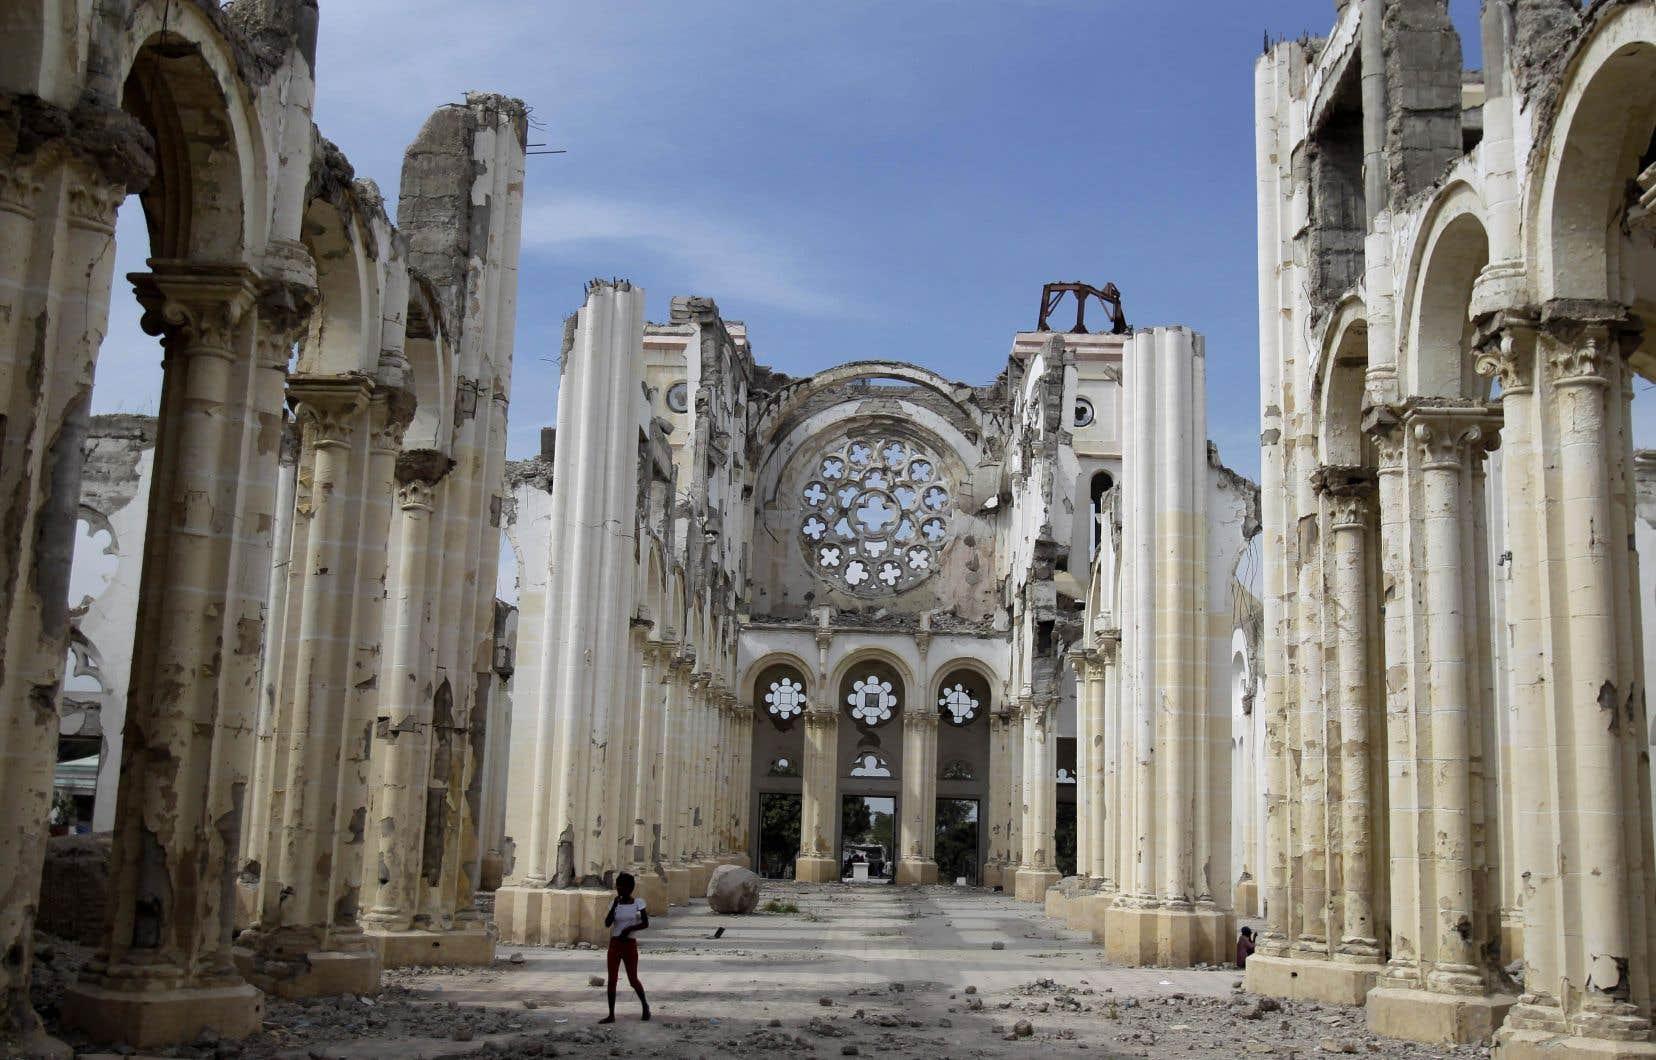 La cathédrale de Port-au-Prince a été détruite lors du tremblement de terre de 2010. Elle est demeurée au sol depuis, presque oubliée par le reste du monde.